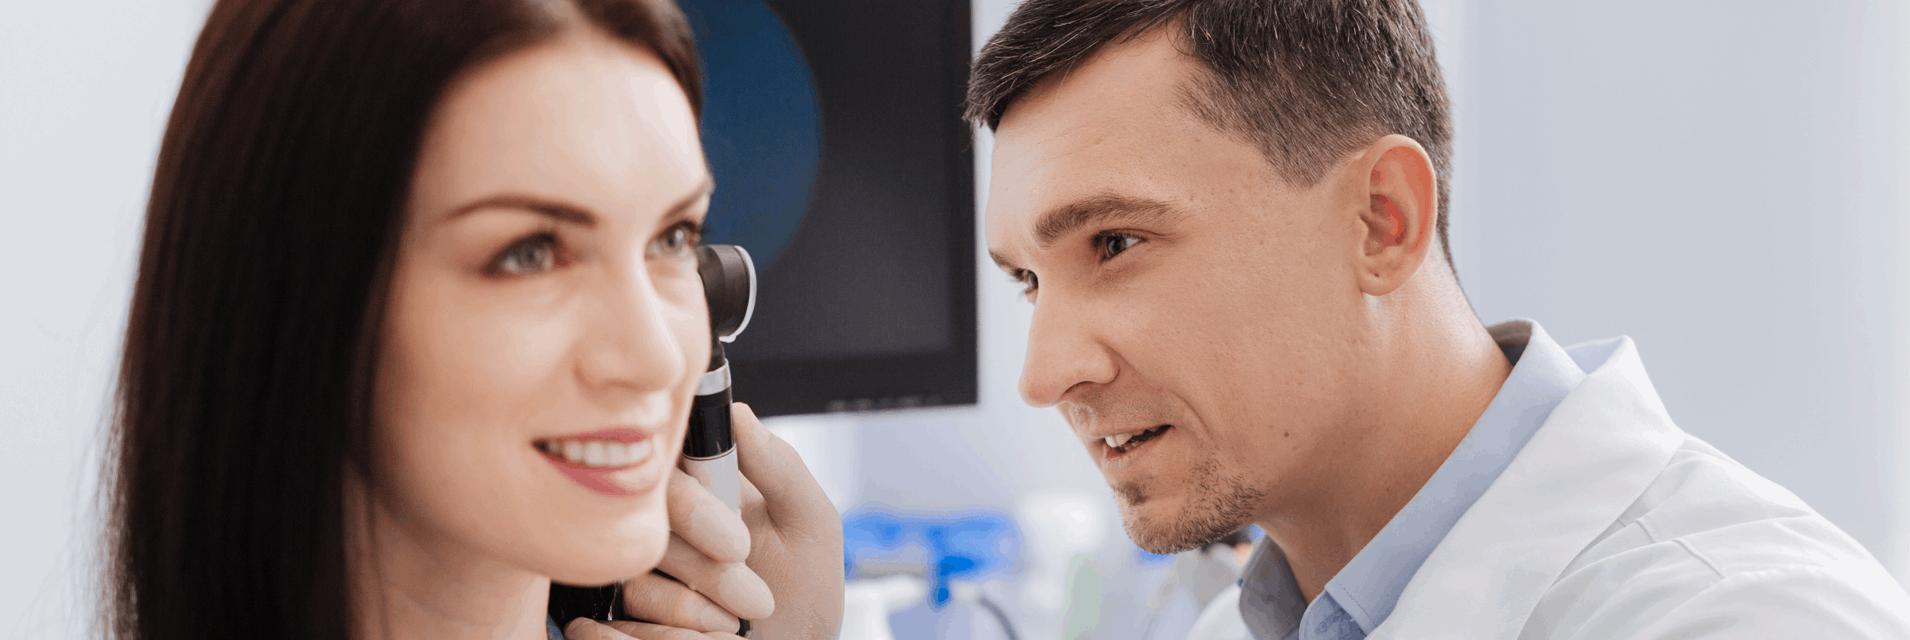 Laryngolog badający ucho kobiety w gabinecie specjalistycznym